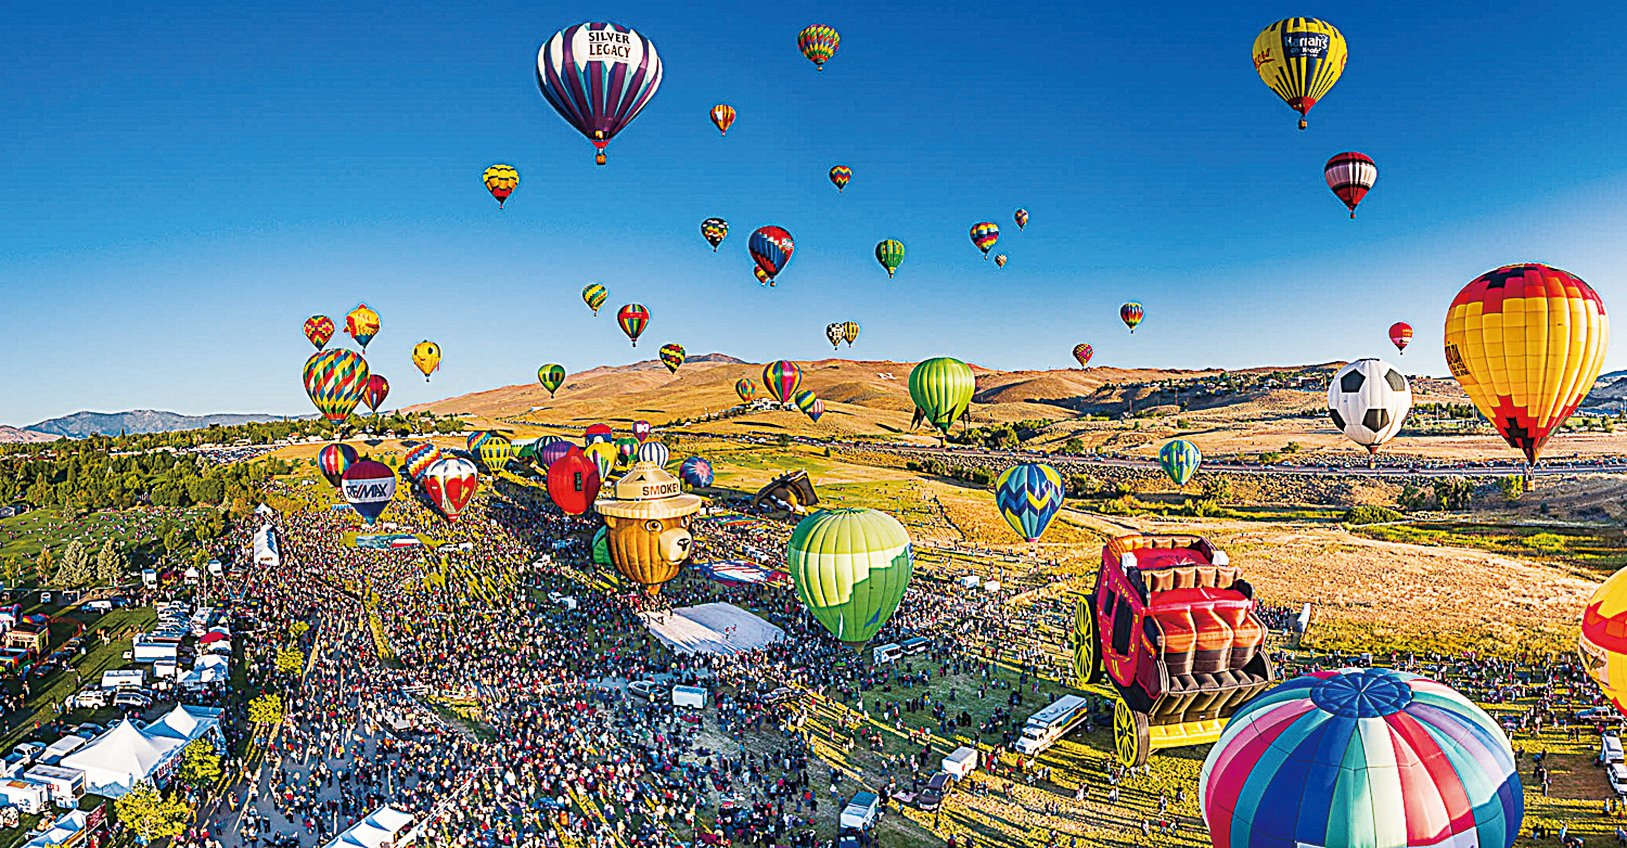 雷諾每年都舉行全球最大的熱氣球比賽。(Abbi Agency)